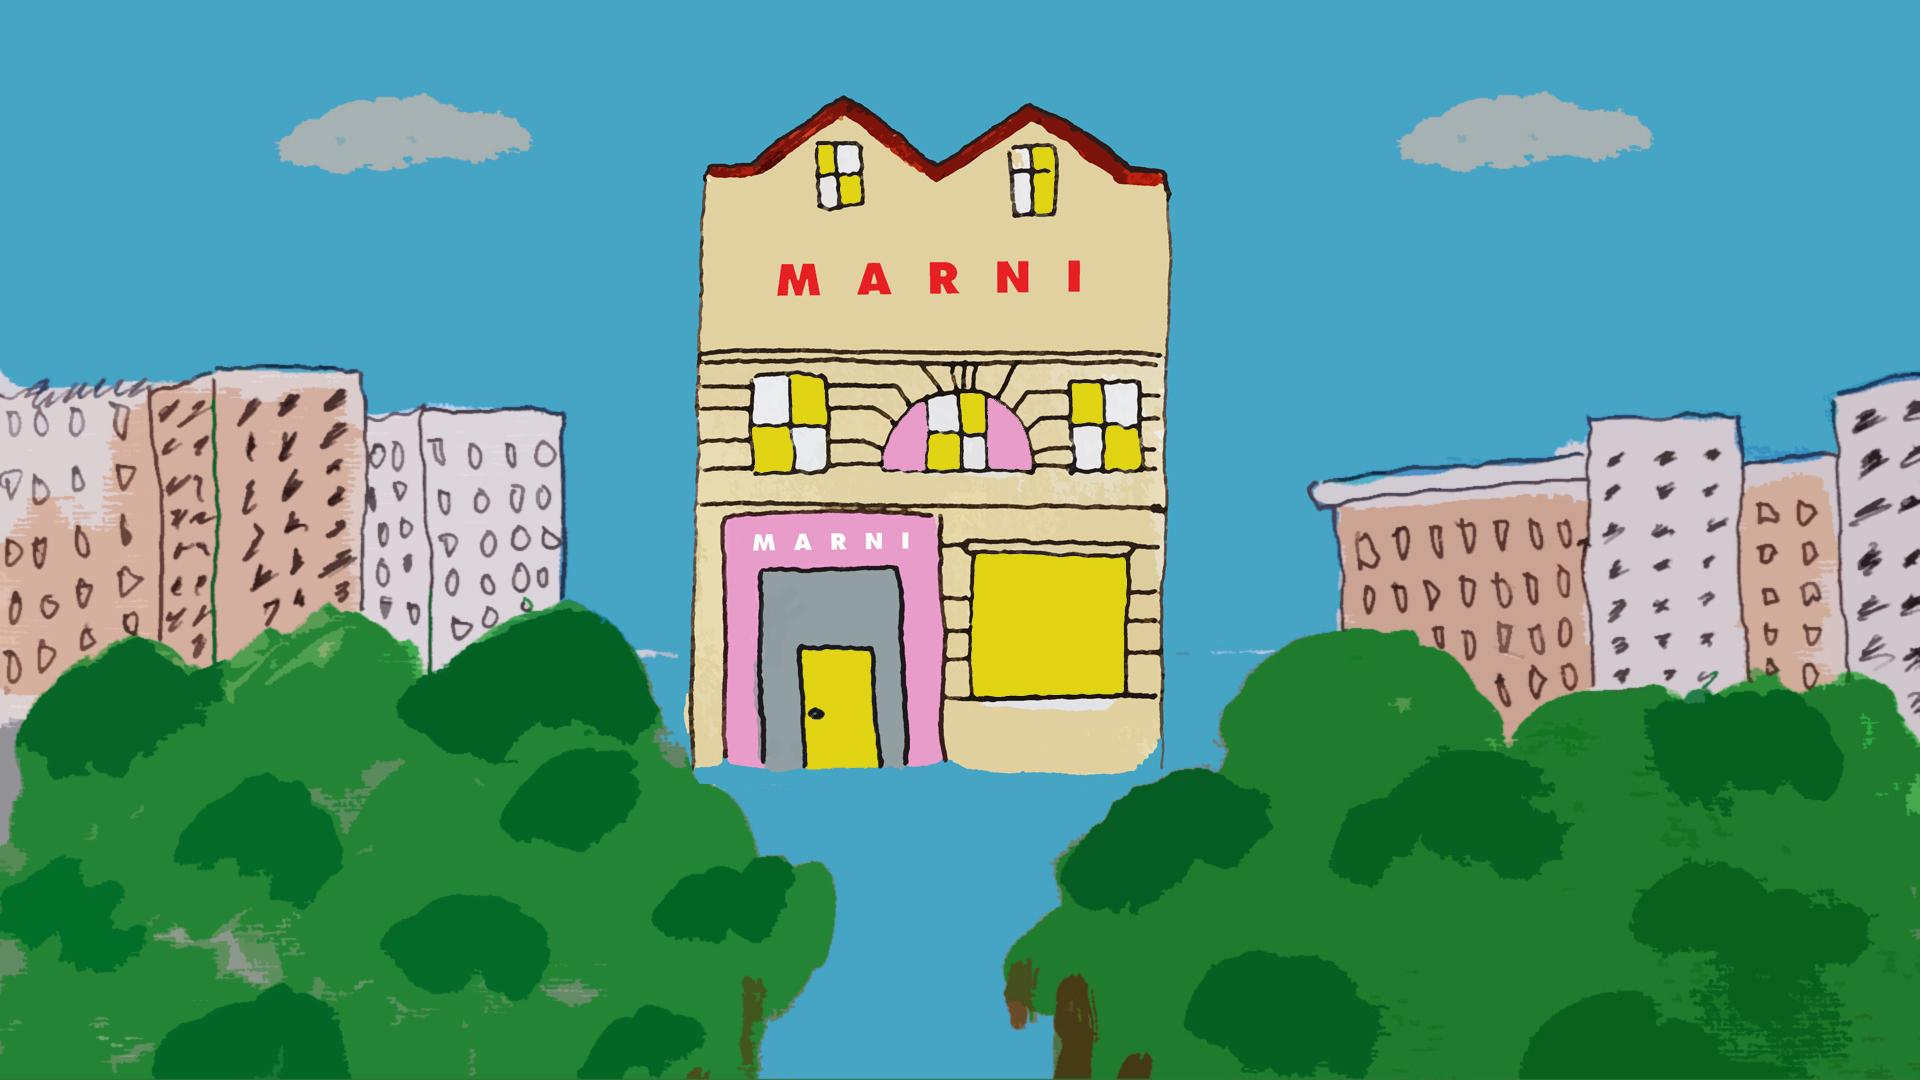 marni-still2.jpg